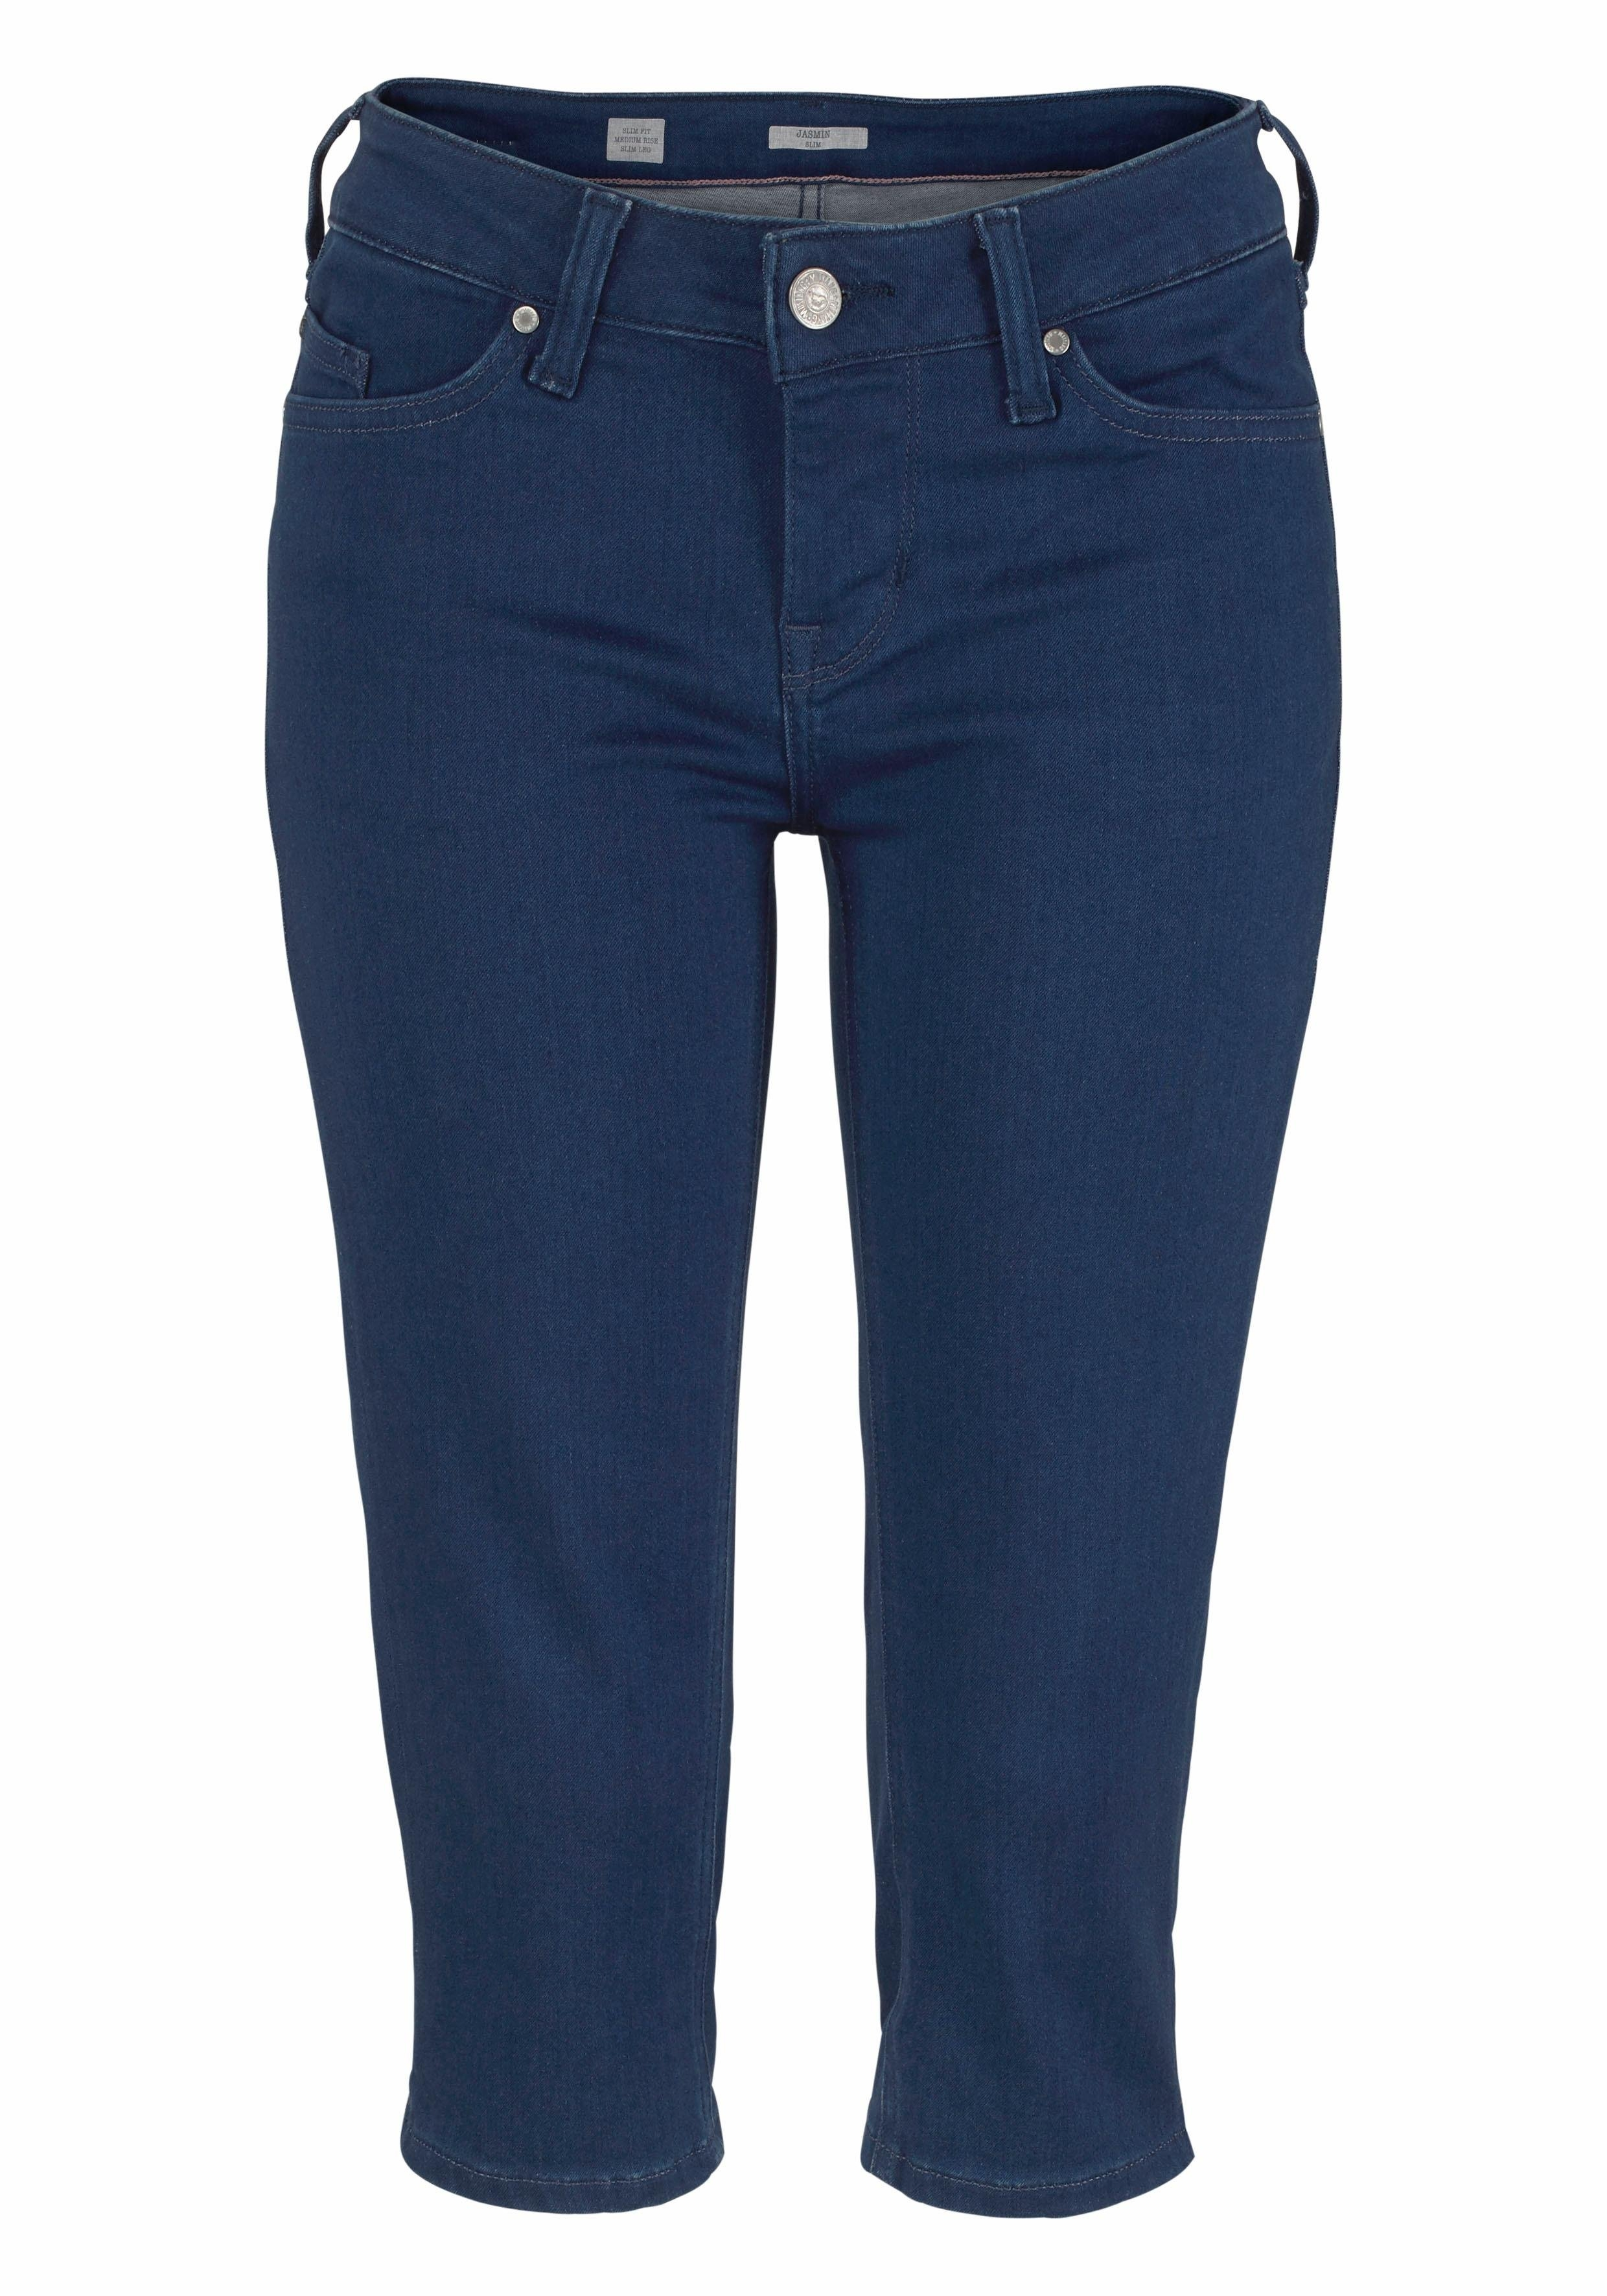 Capribroekmustang jeans capri Gevonden Mustang Snel gfyY6b7